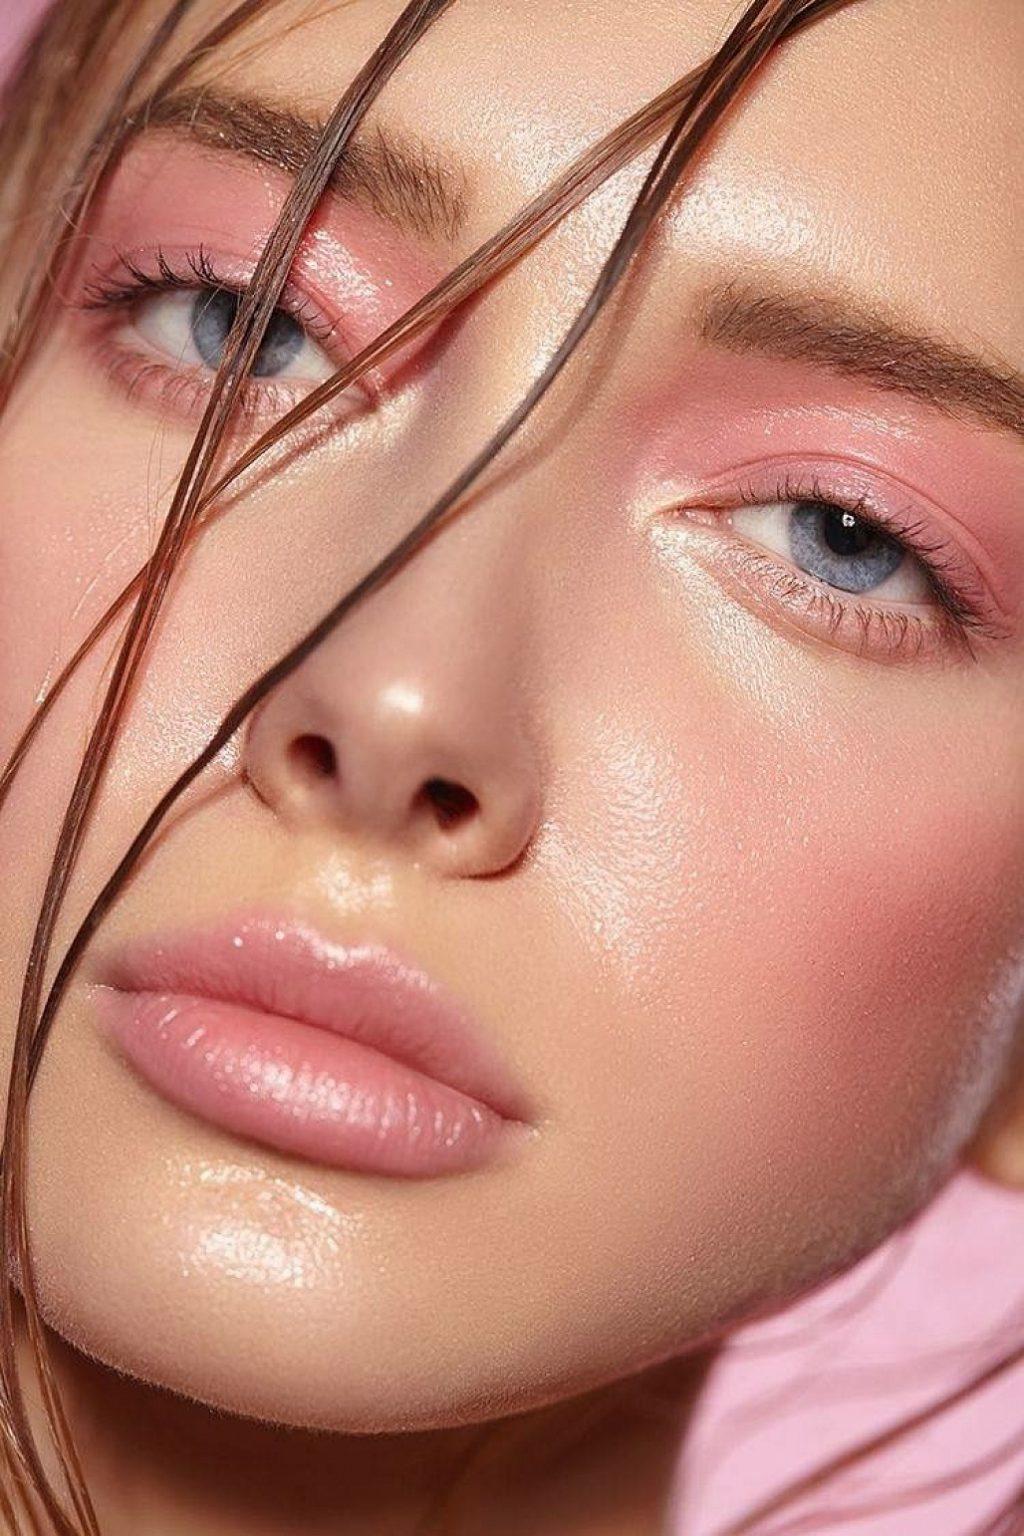 trang điểm theo màu mắt xanh với tông hồng nhạt